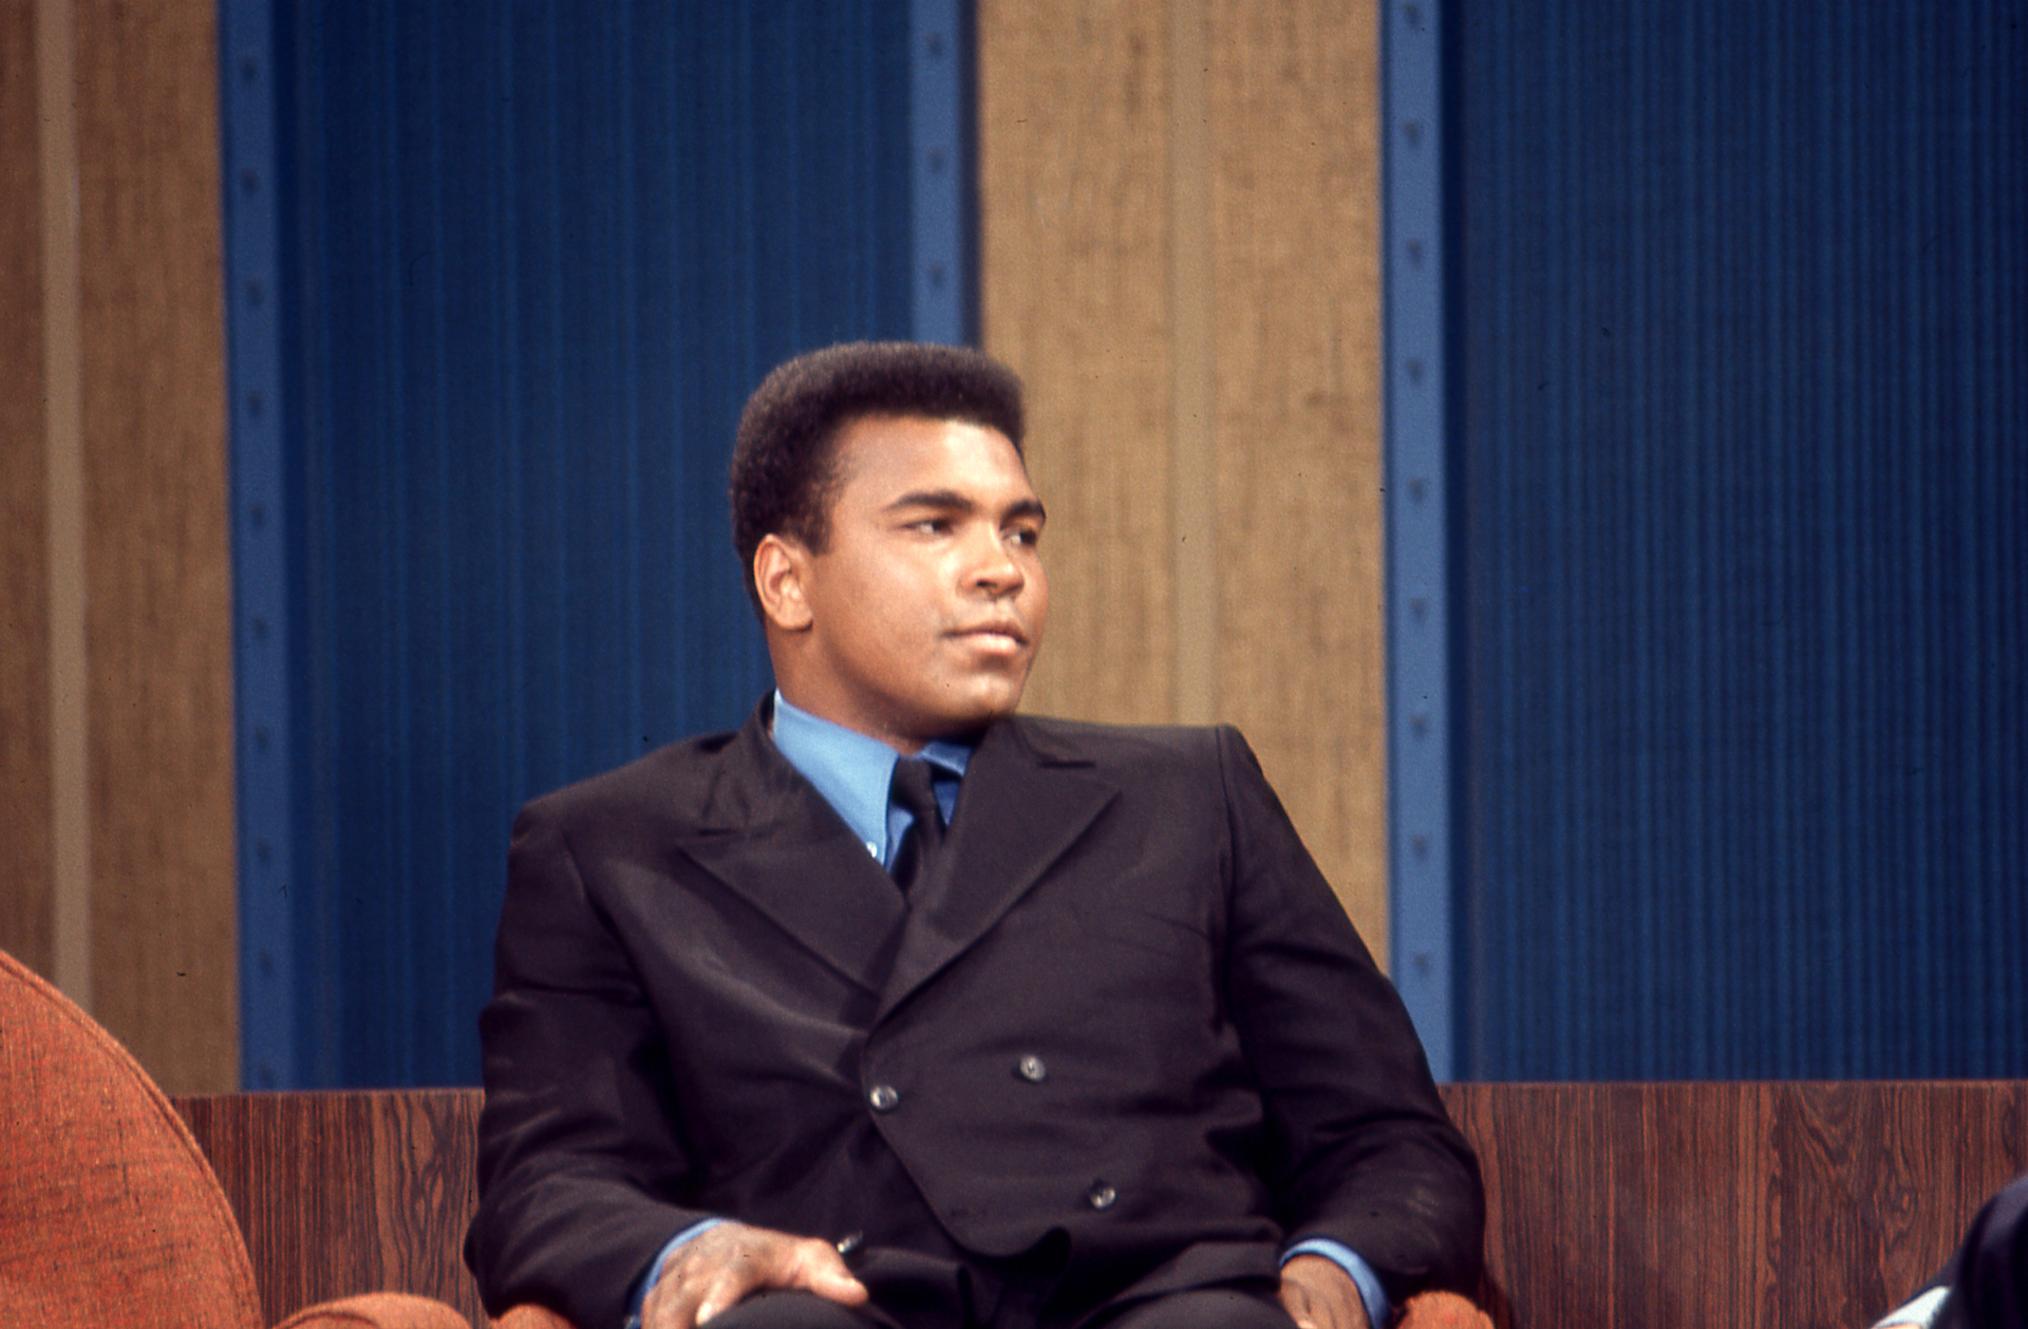 Muhammad Ali Dick Cavett